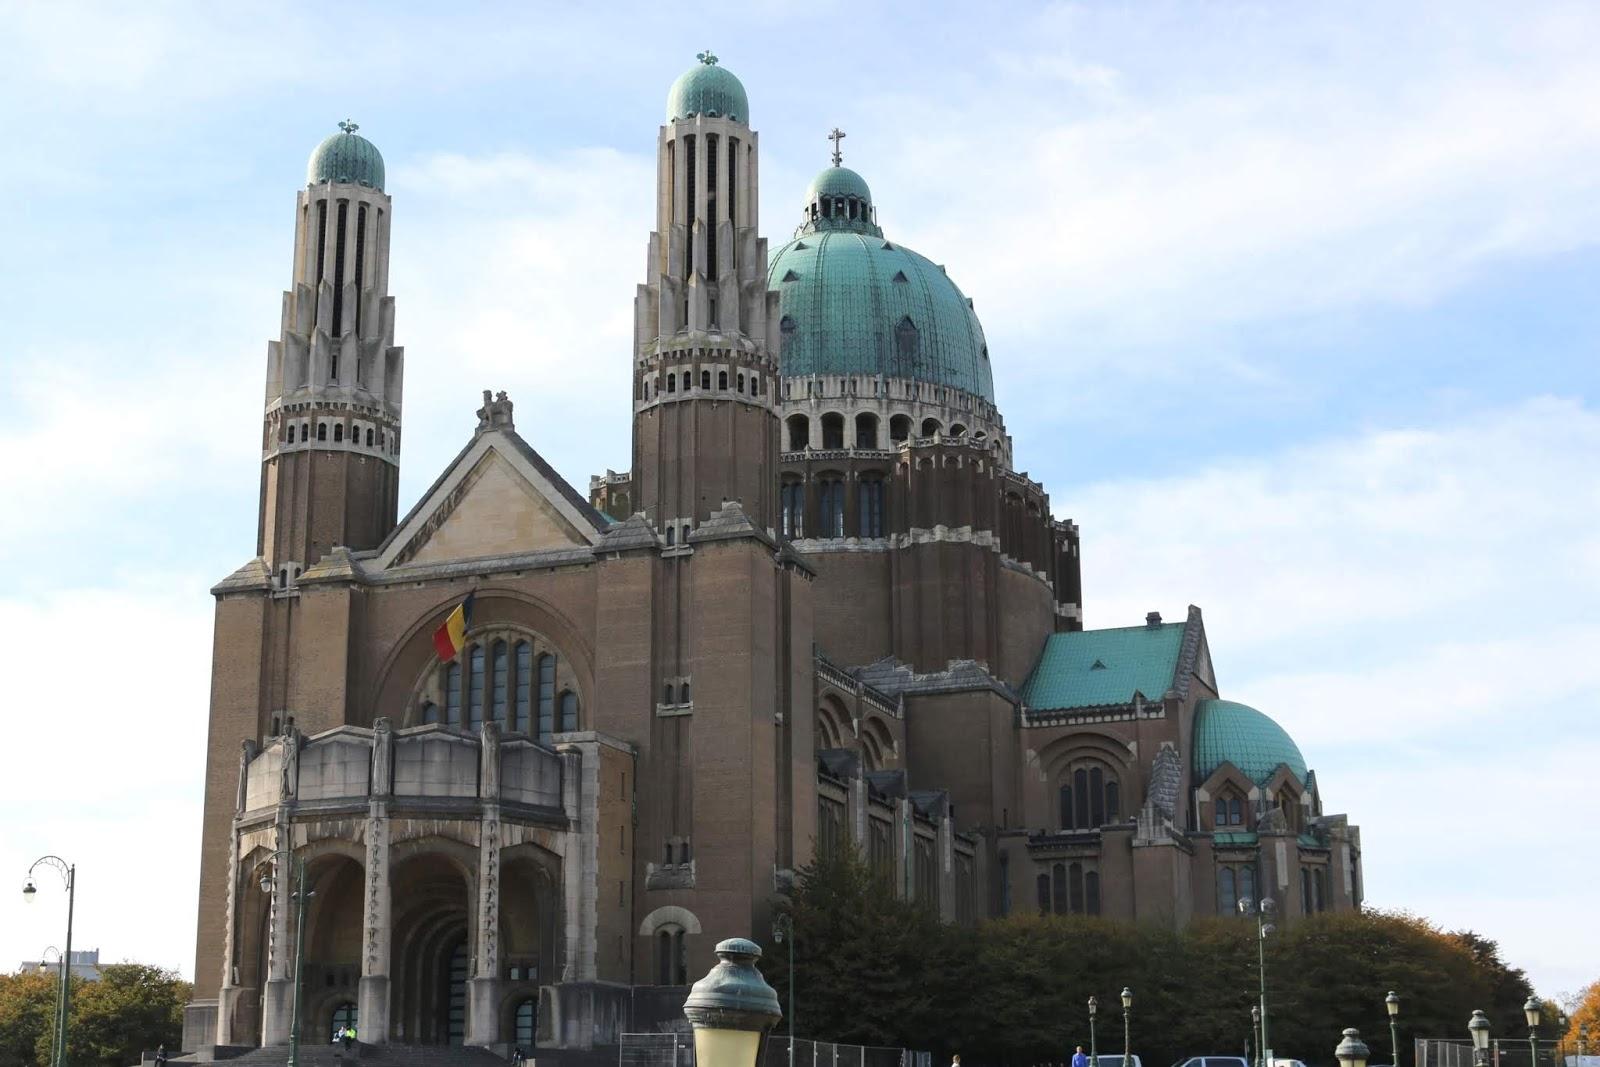 Brussels Basilique du Sacré-Coeur